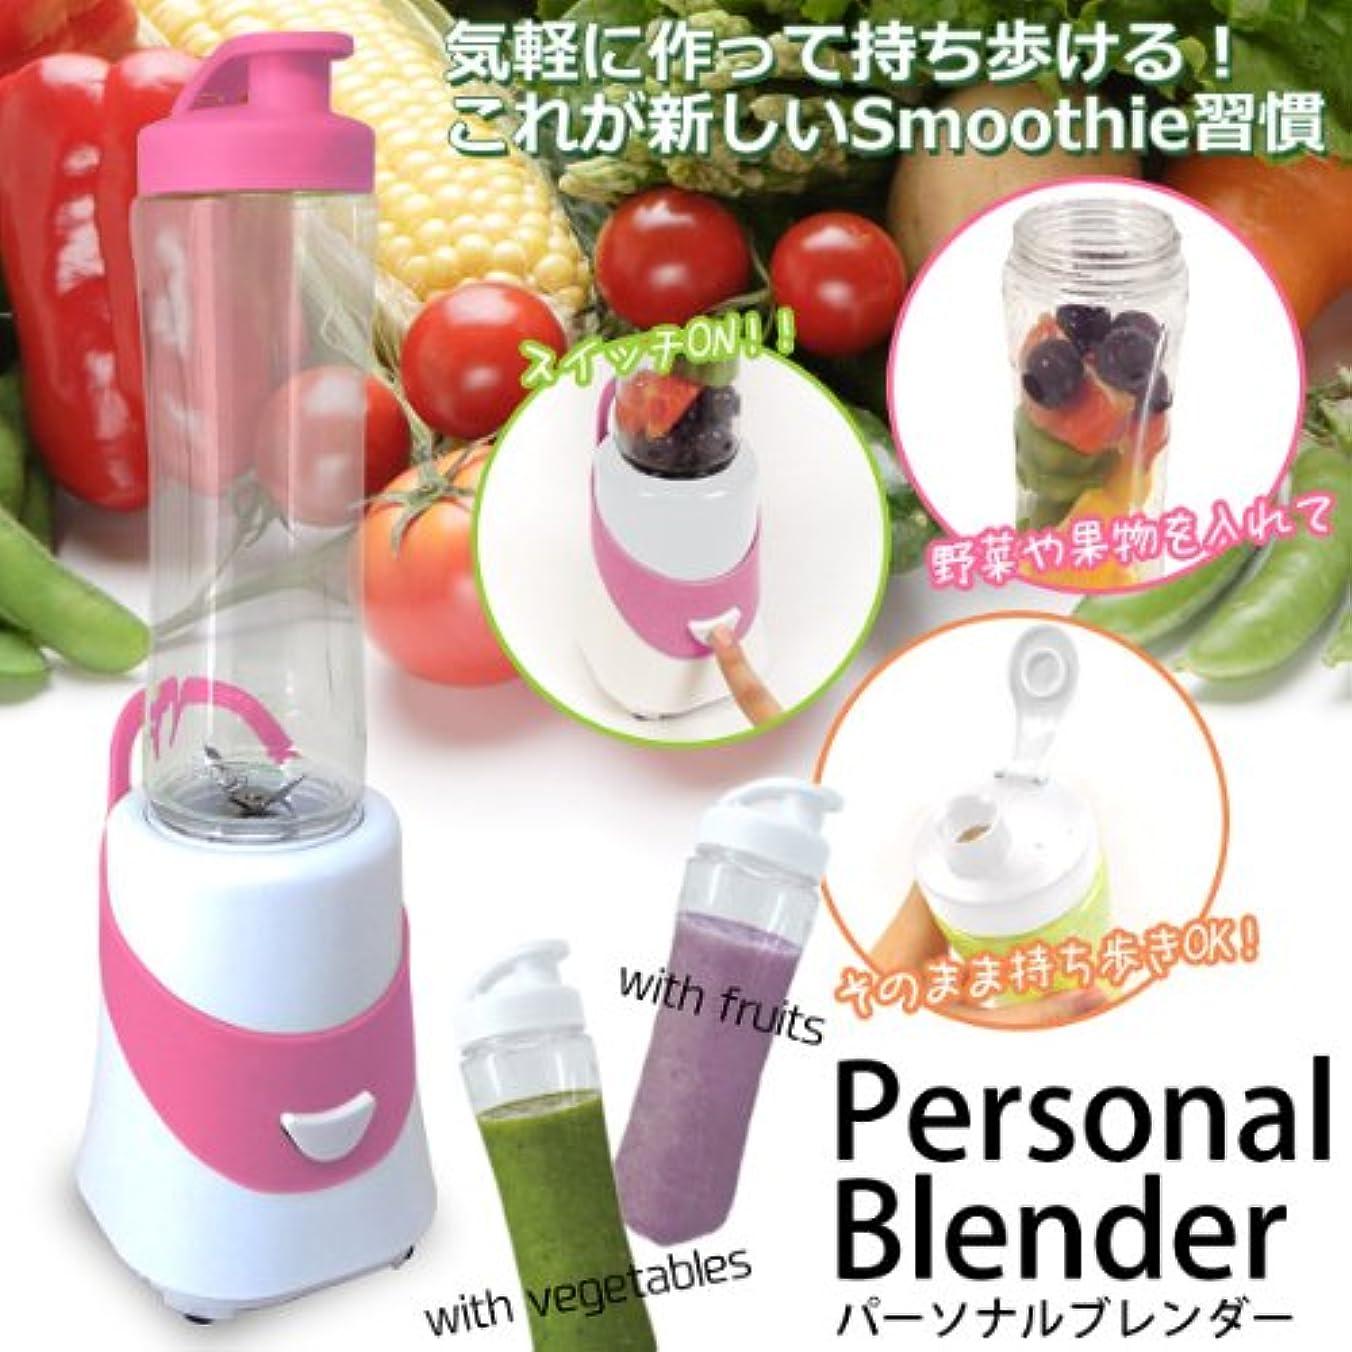 ぼかしウガンダキャンペーンエスアイエス(SIS) ジュースディスペンサー ピンク 12.5×37cm 【ジュースやスムージー作りに最適! 持ち歩けるボトル】 NDJ-525